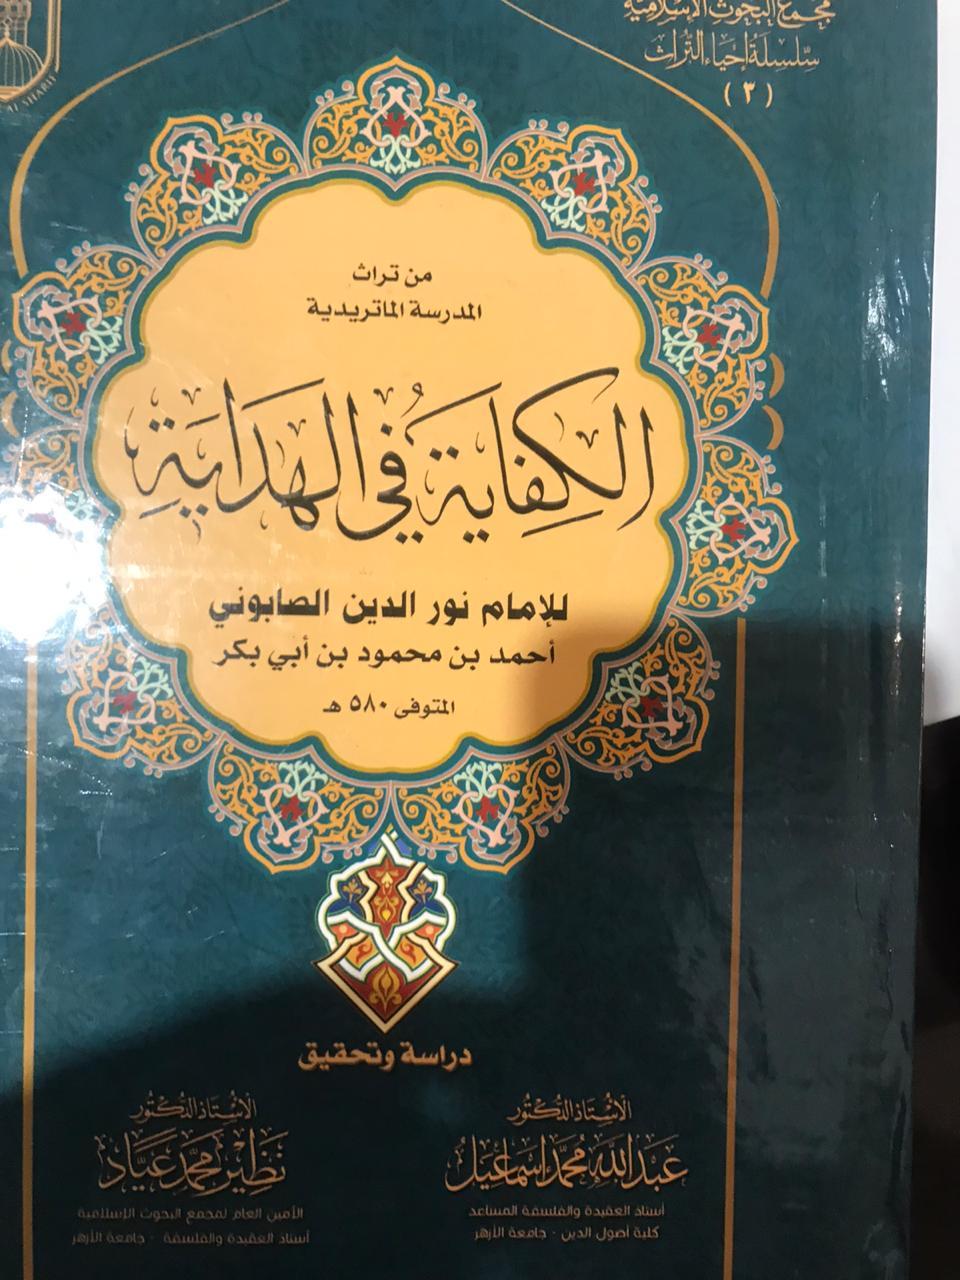 نماذج من الكتب الدينية (2)